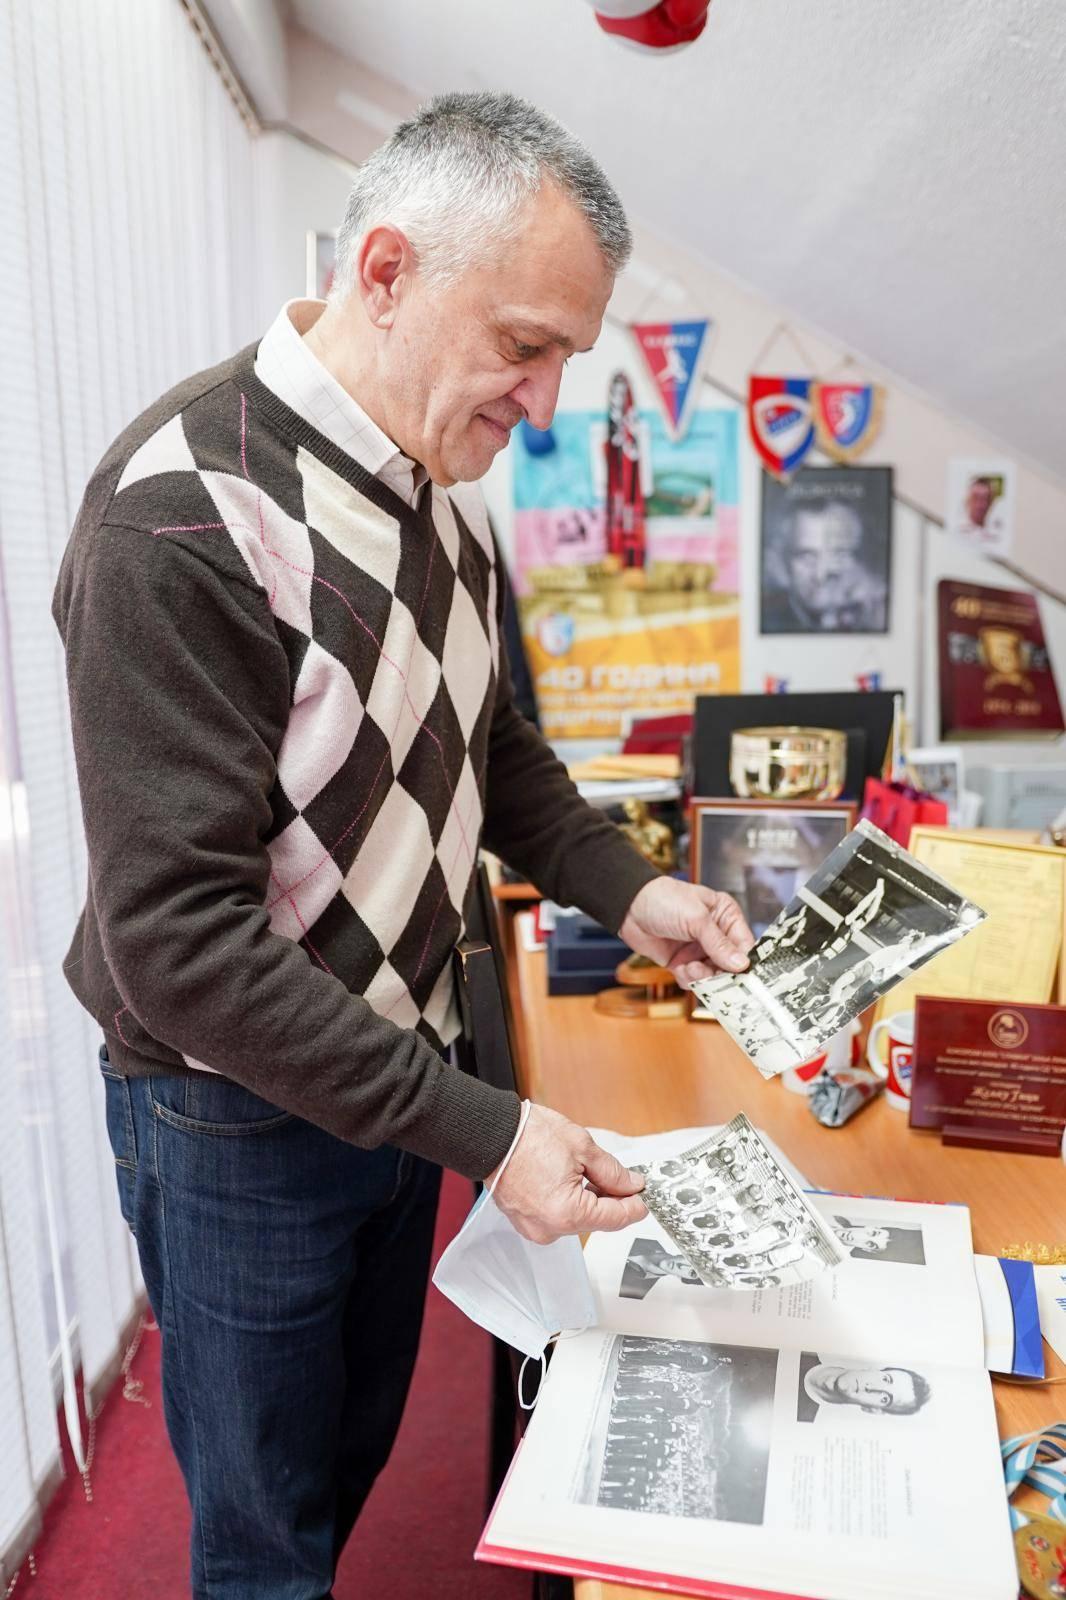 Banja Luka, grad u kojemu je Saračević rođen i napravio prve rukometne korake